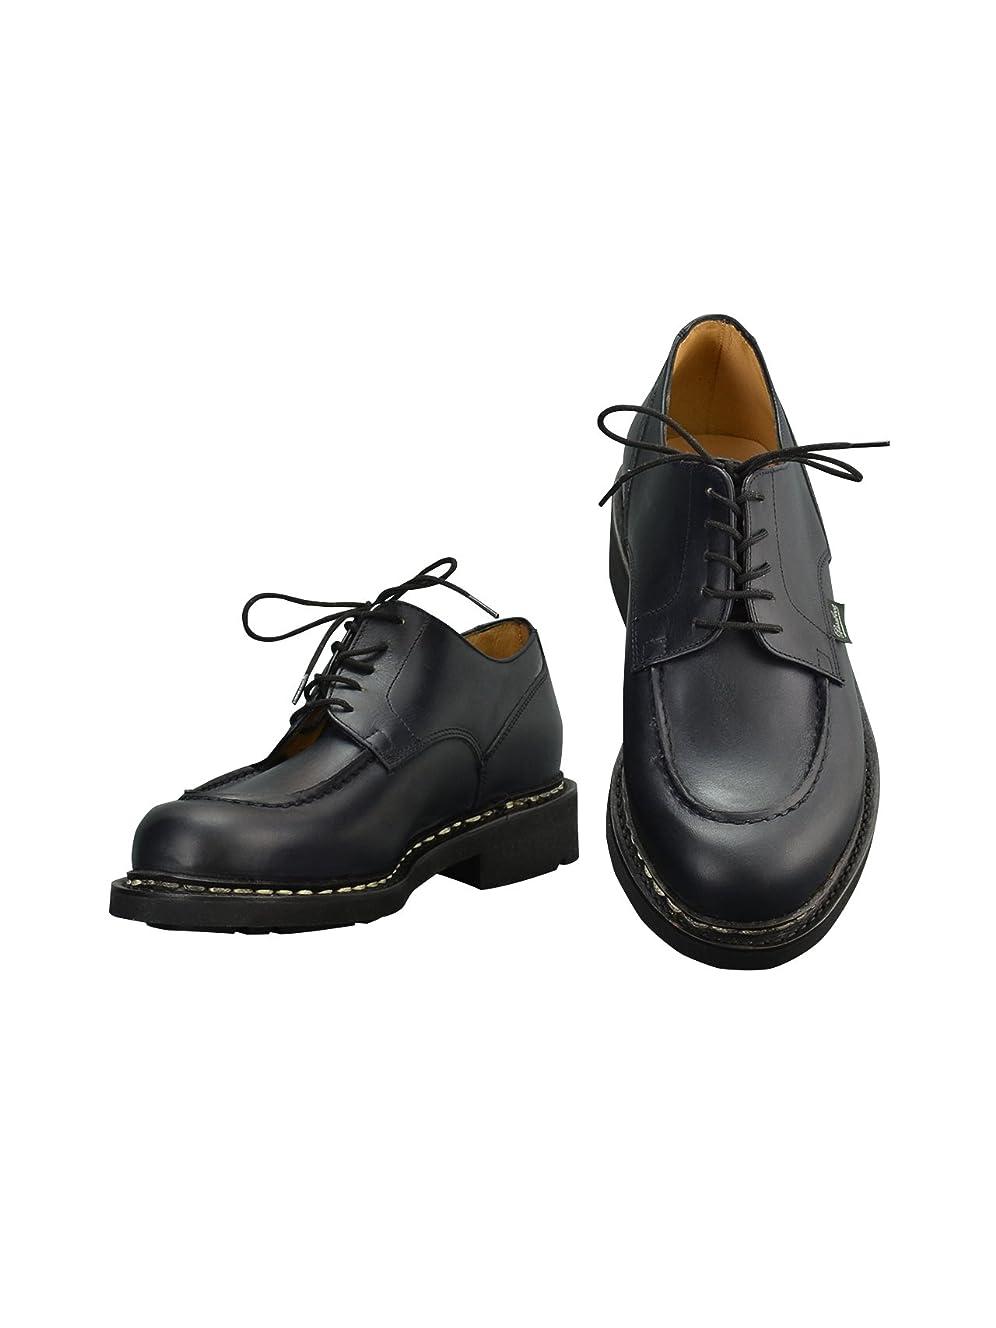 繰り返し要旨生きる[パラブーツ] シャンボード CHAMBORD 名靴Uチップ&オイルドレザーシューズ ネイビー